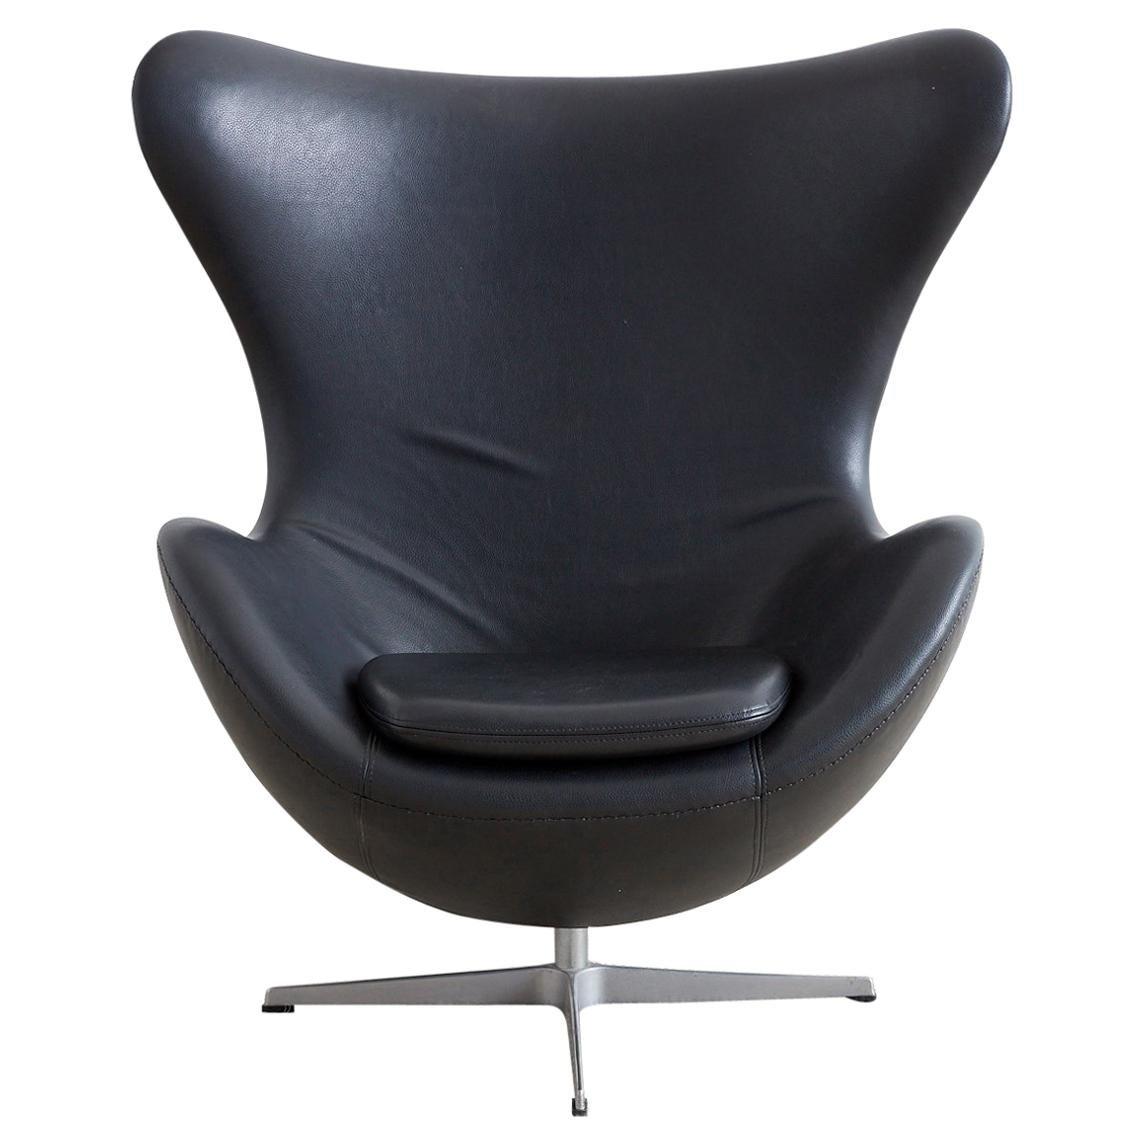 Charmant Arne Jacobsen For Fritz Hansen Black Egg Chair